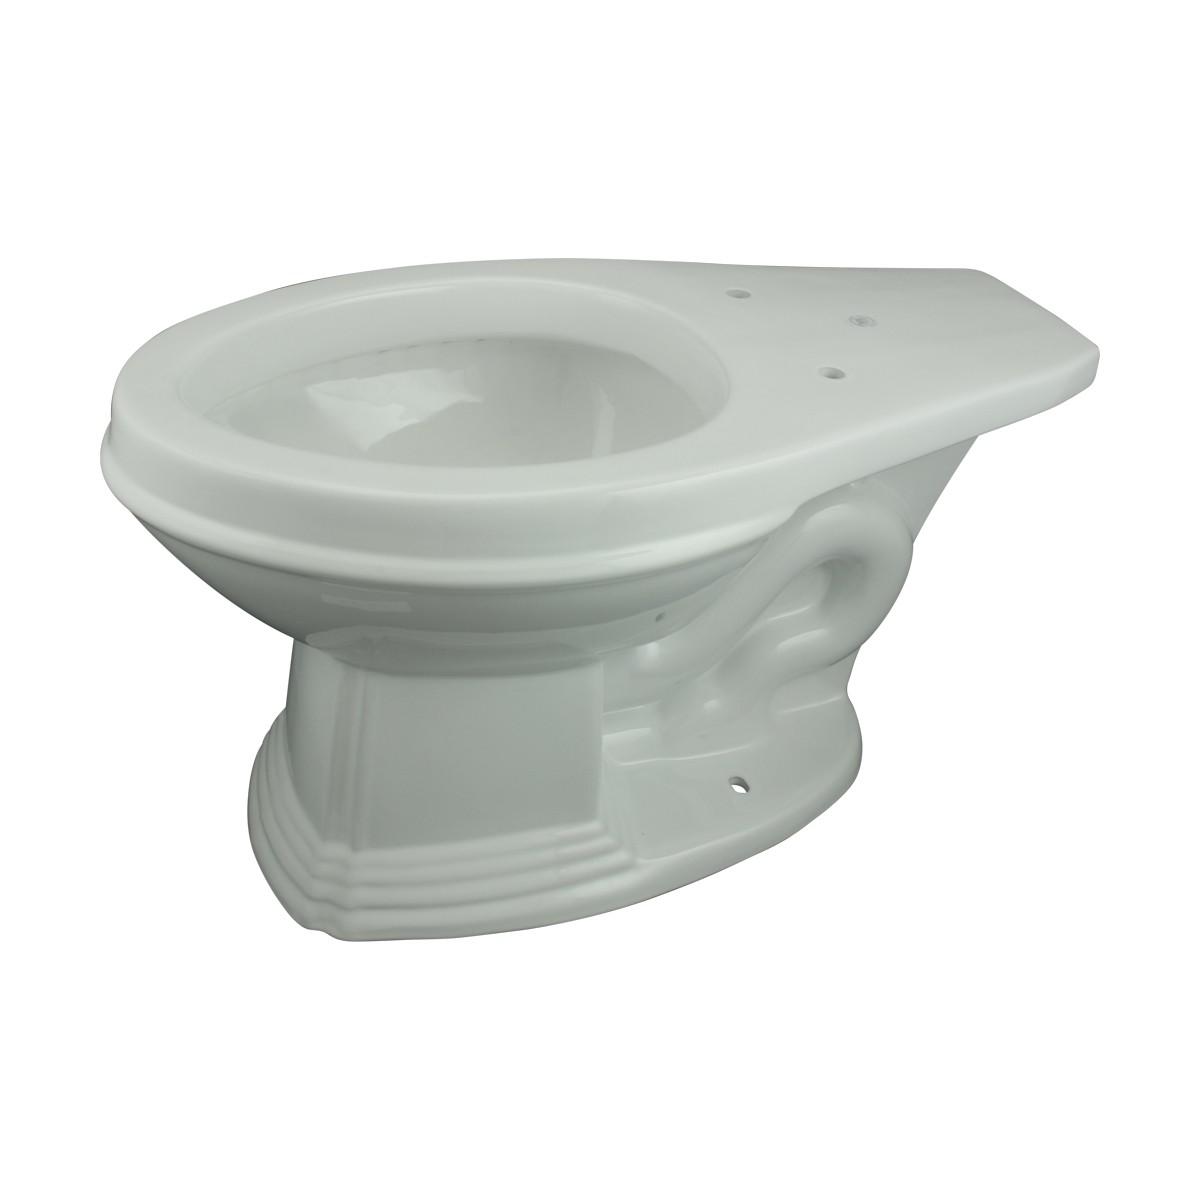 Dark Oak High Tank Pull Chain Toilet White Elongated Bowl Elongated Bowl High Tank Toilet High Tank Pull Chain Toilets Overhead Water Tank Closets